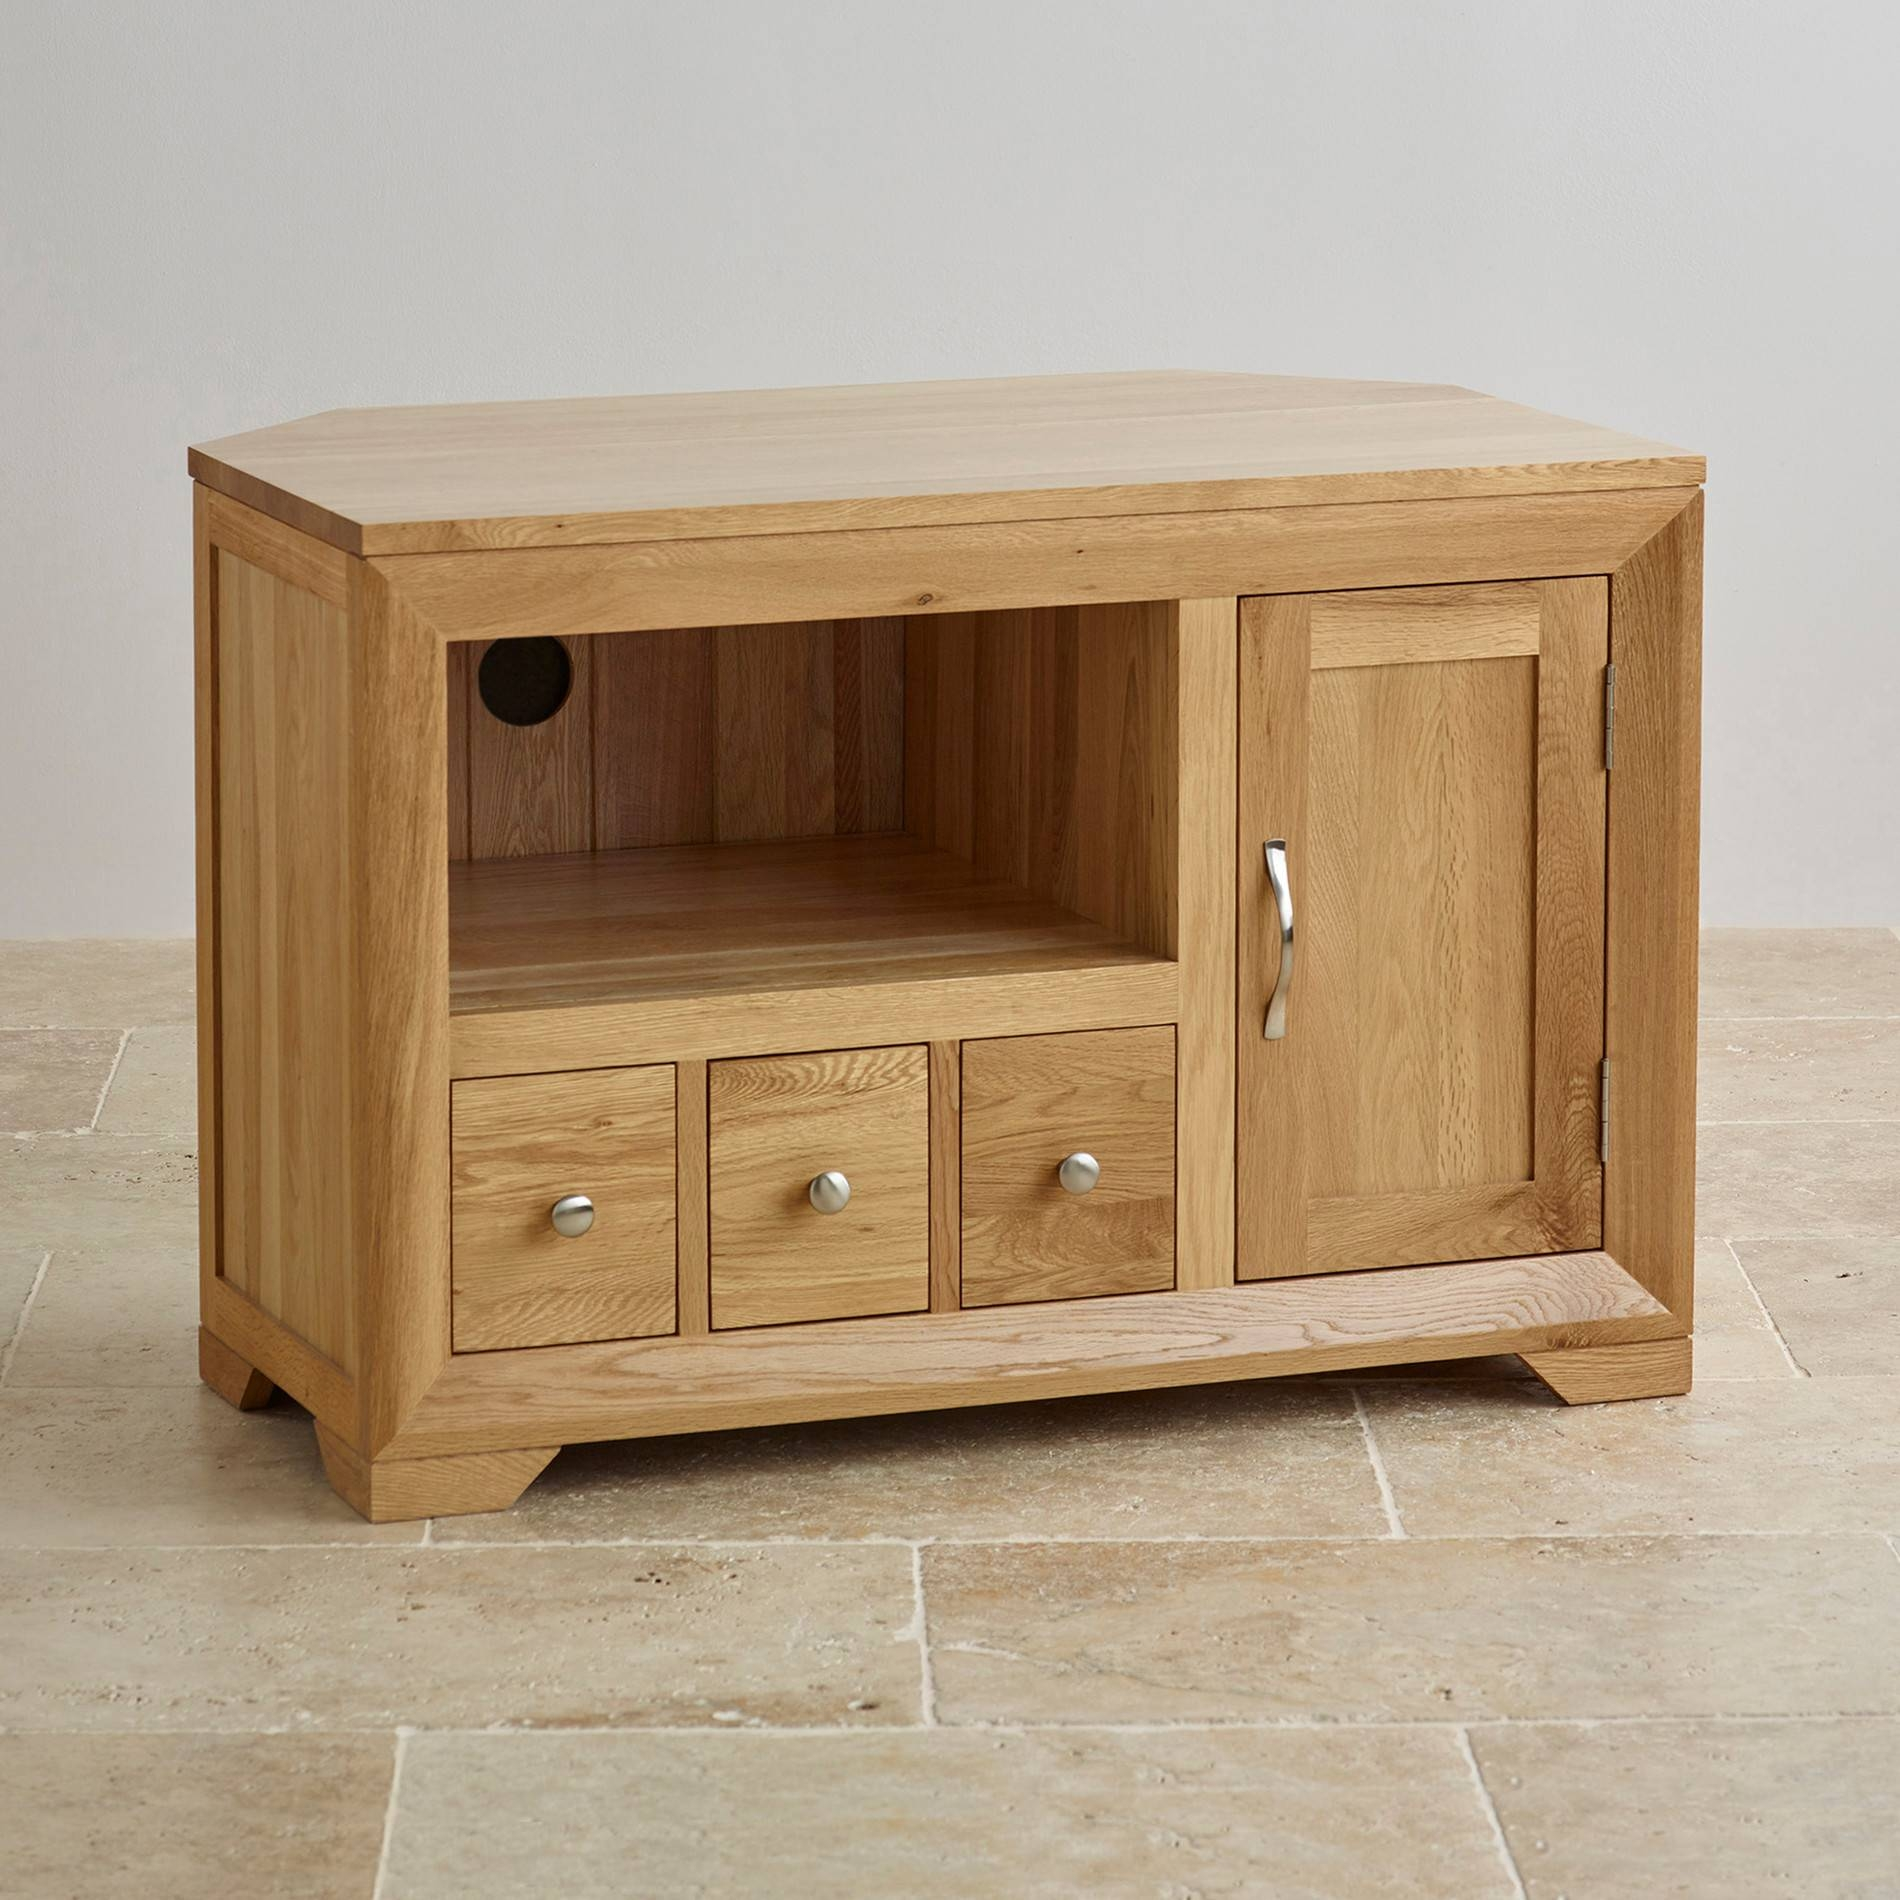 Tv Cabinets & Units | 100% Solid Oak | Oak Furniture Land intended for Light Oak Corner Tv Cabinets (Image 11 of 15)